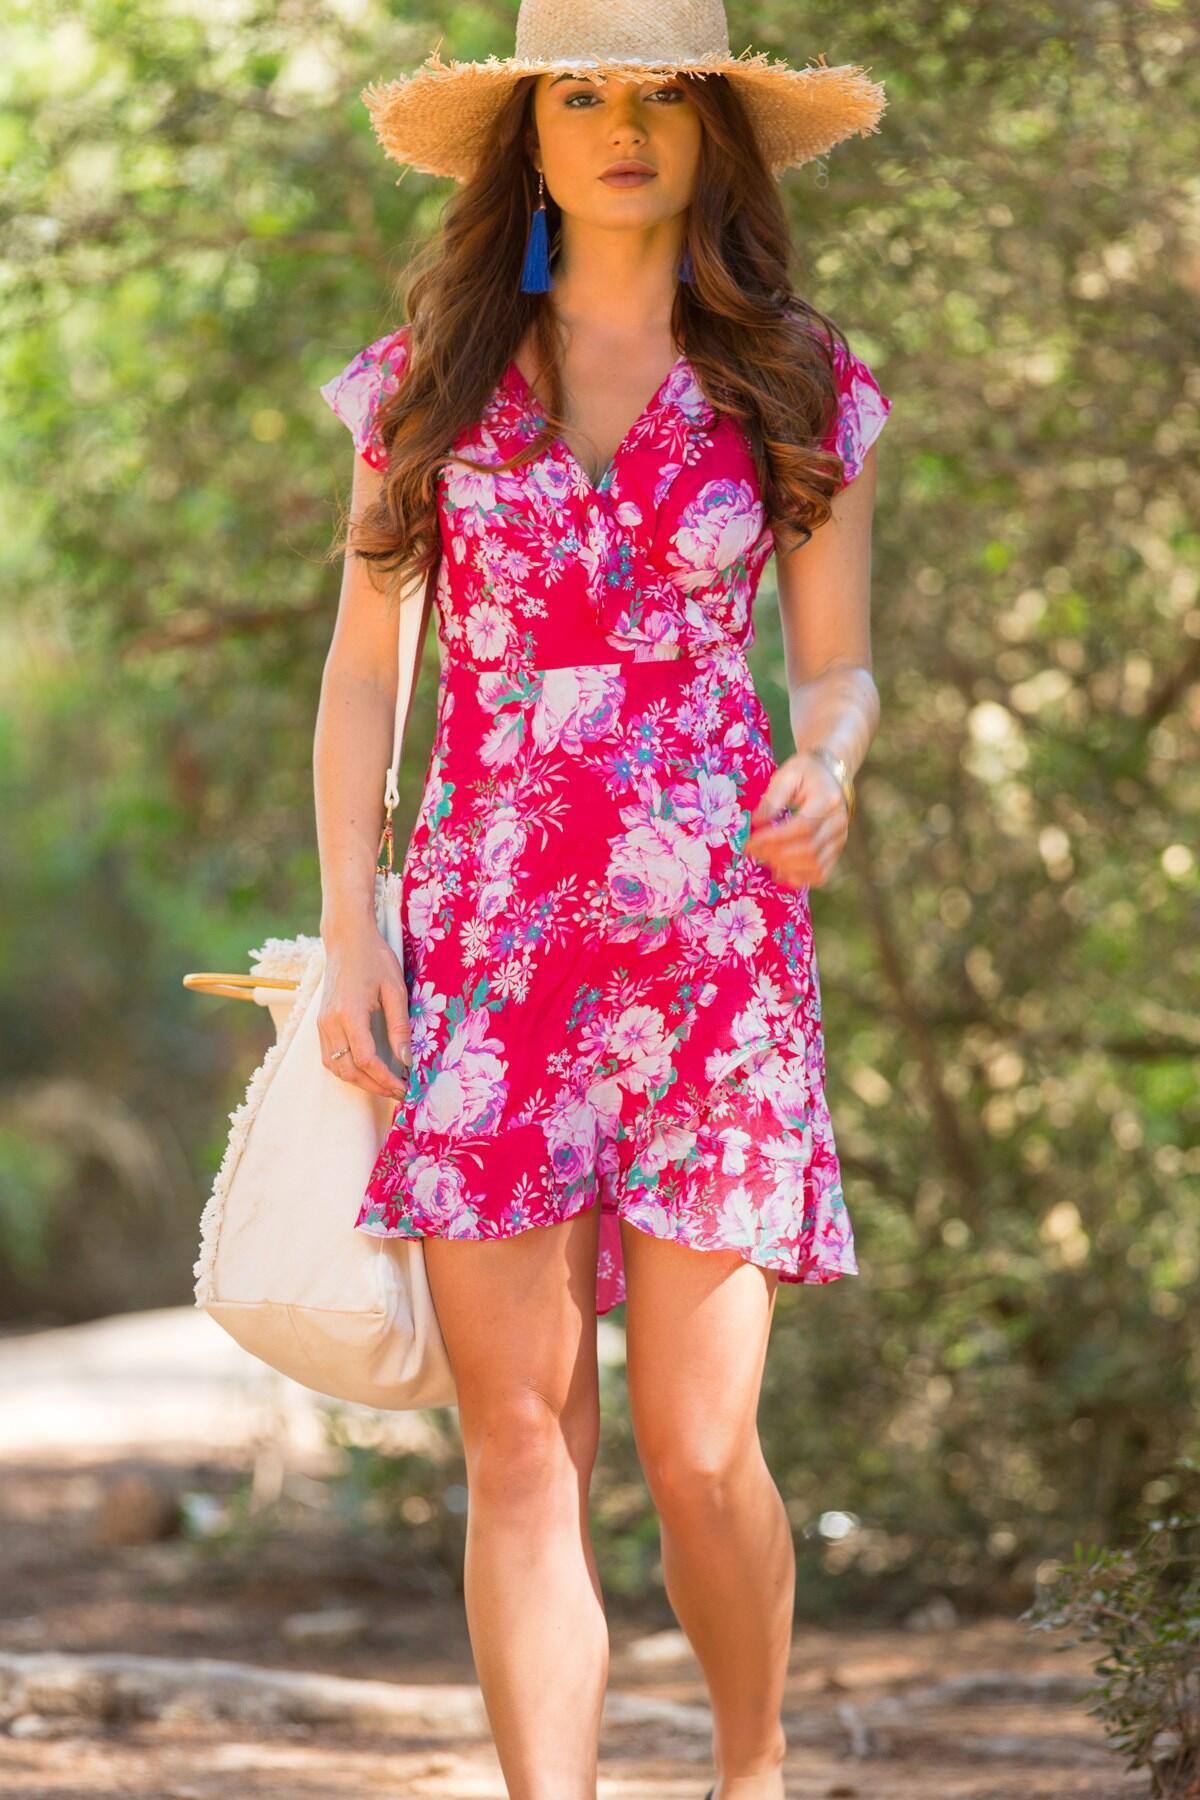 d44555d2c6 Santa Monica Floral Wrap Dress - Red Floral